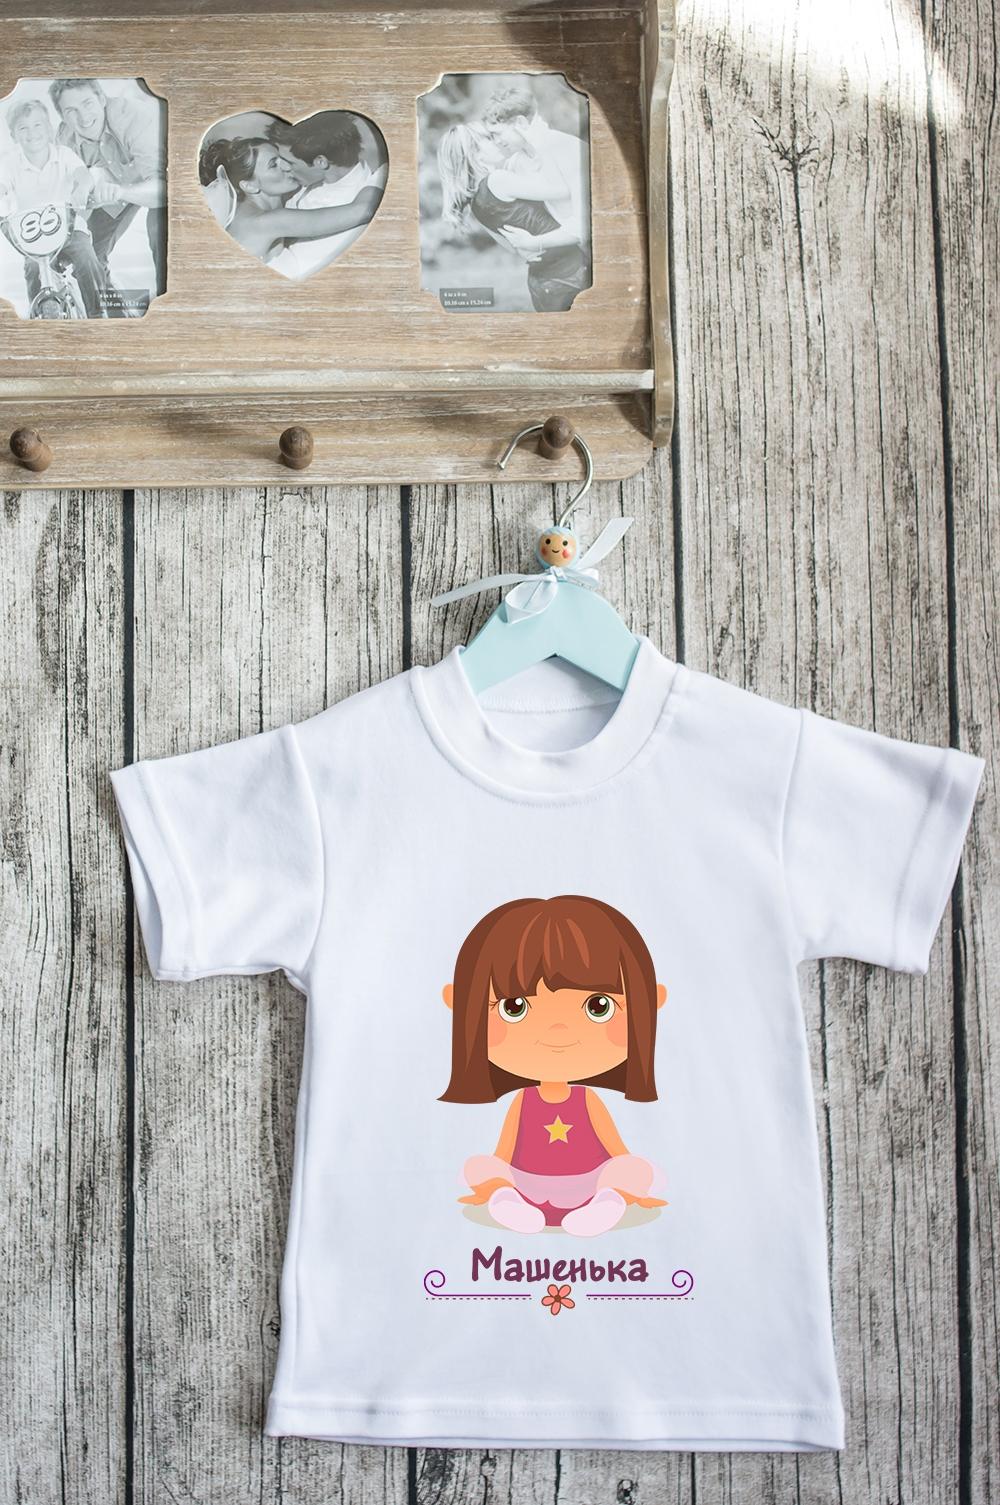 Футболка детская с вашим текстом Маленькая модницаПодарки ко дню рождения<br>100% хлопок, белая, с нанесением текста. Товар является маломерным<br>